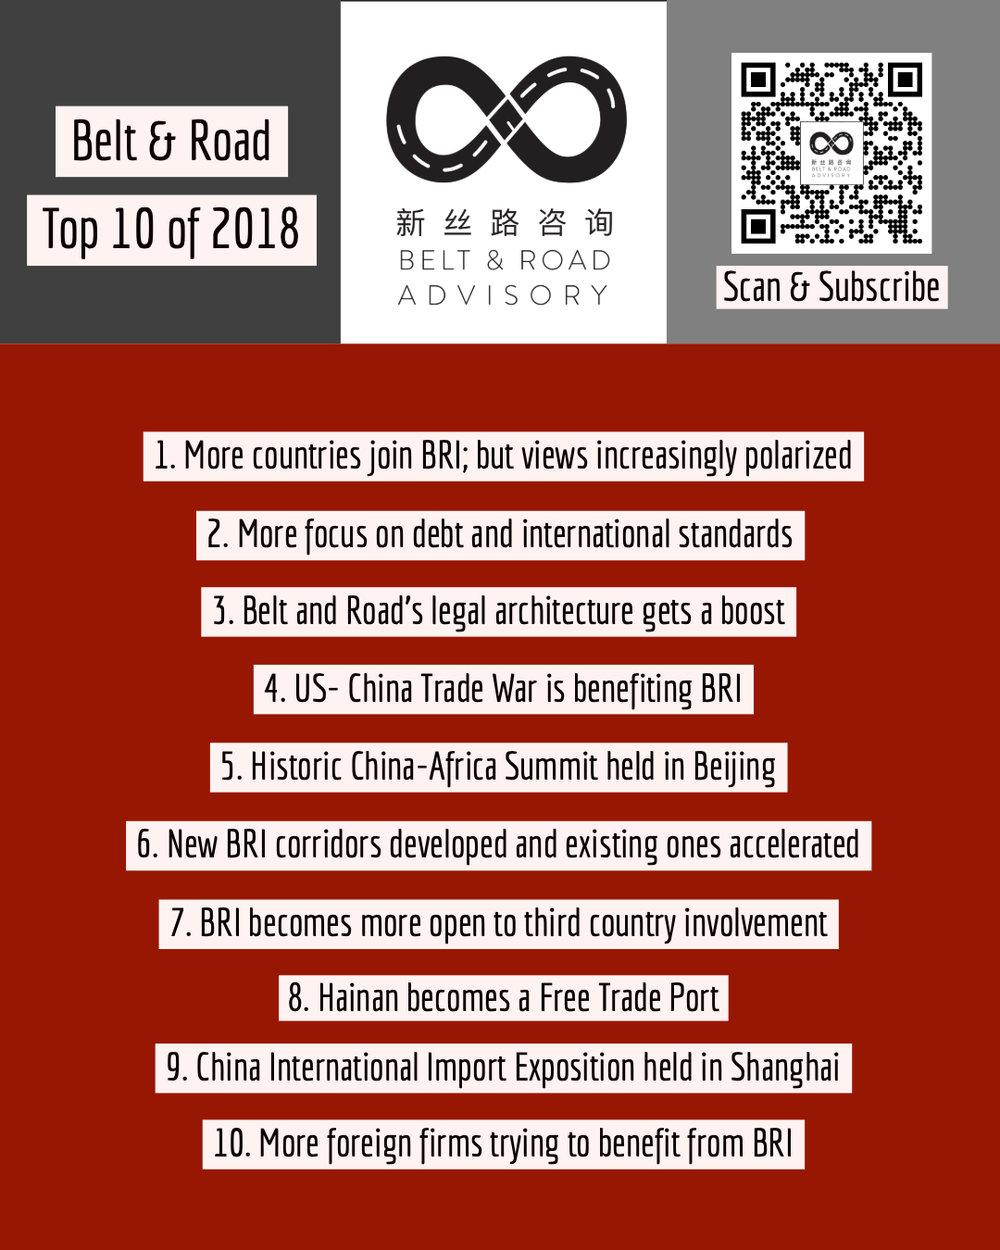 B&R Top 10 in 2018-5.jpg